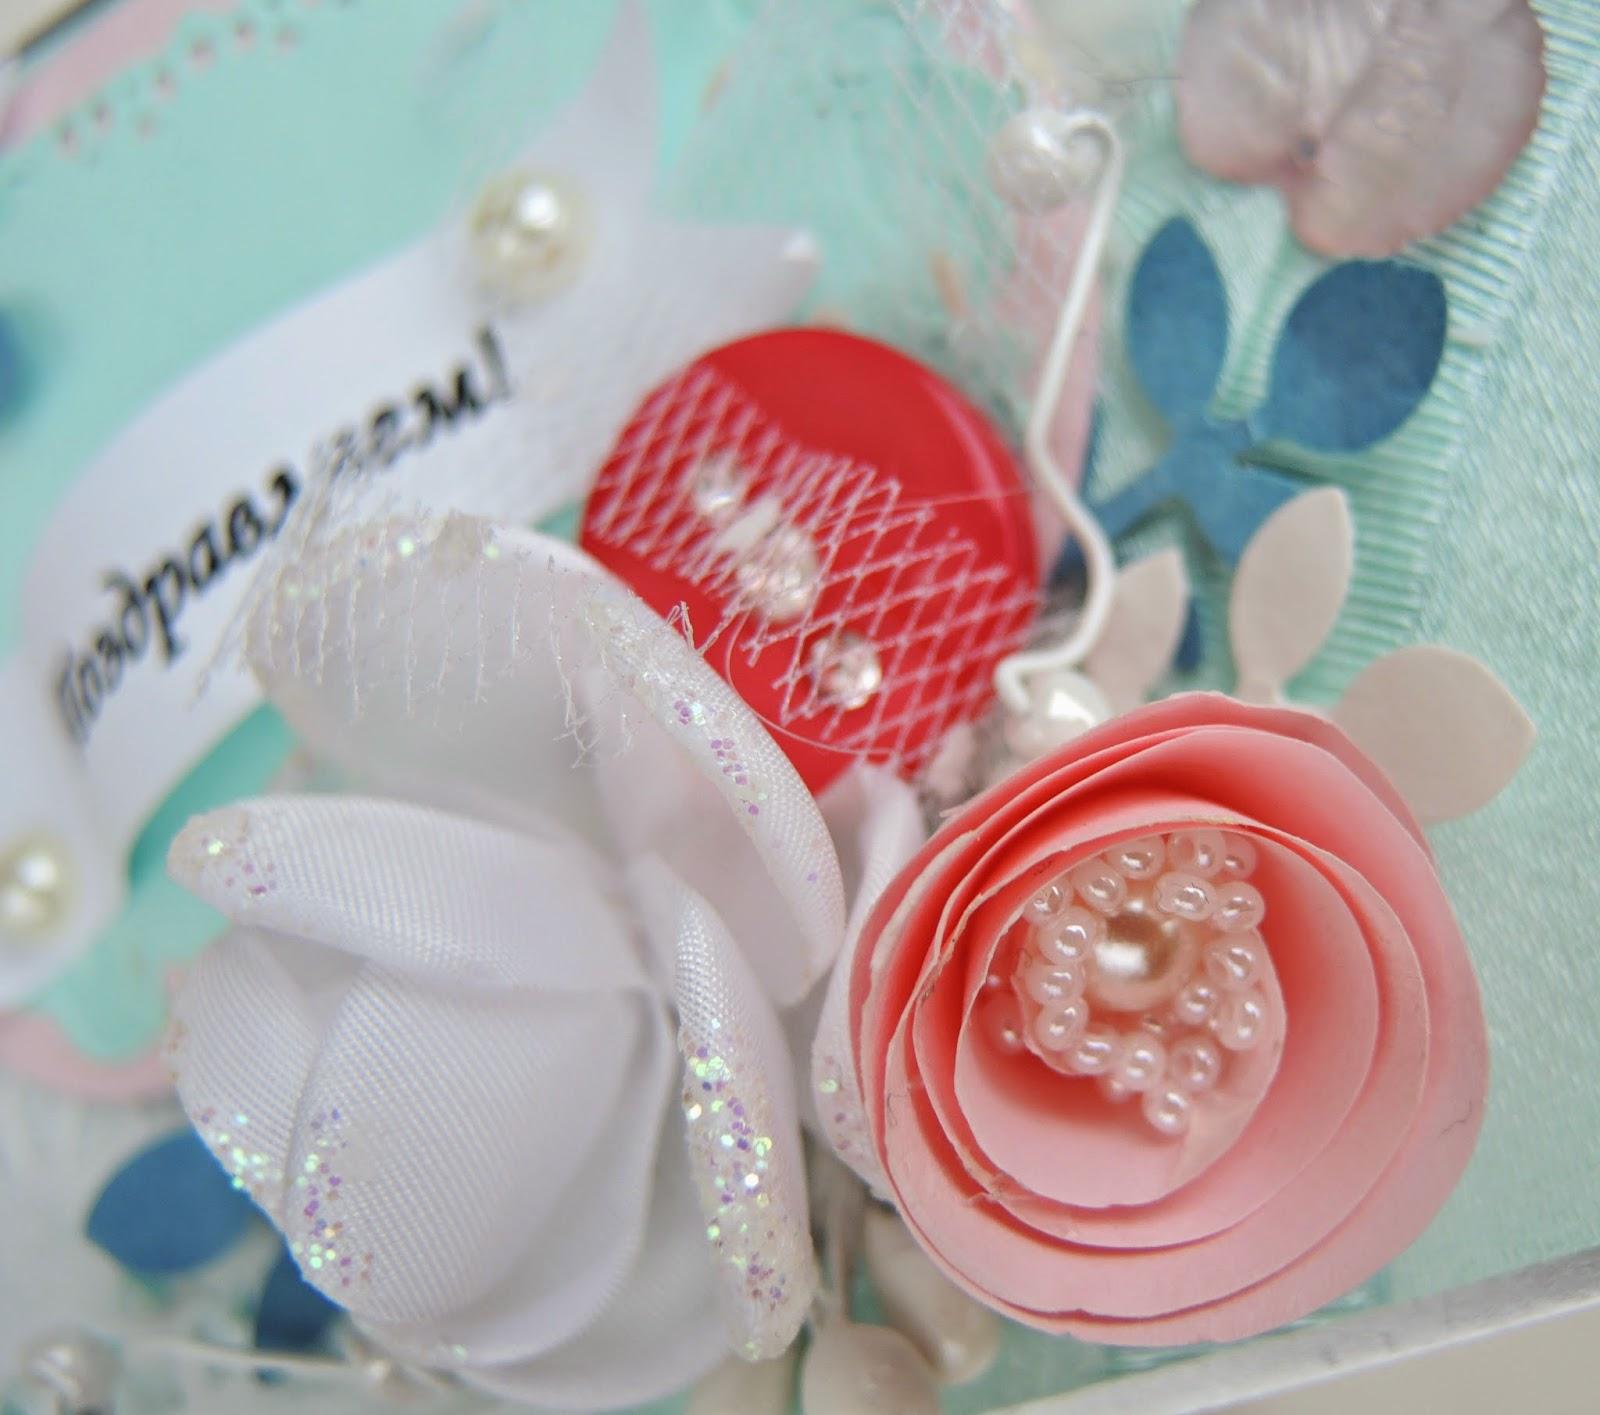 scrap-jpeg. scrap.jpeg, открытка своими руками шоколадница бумажные цветы бисер вырубка жемчуг бумага